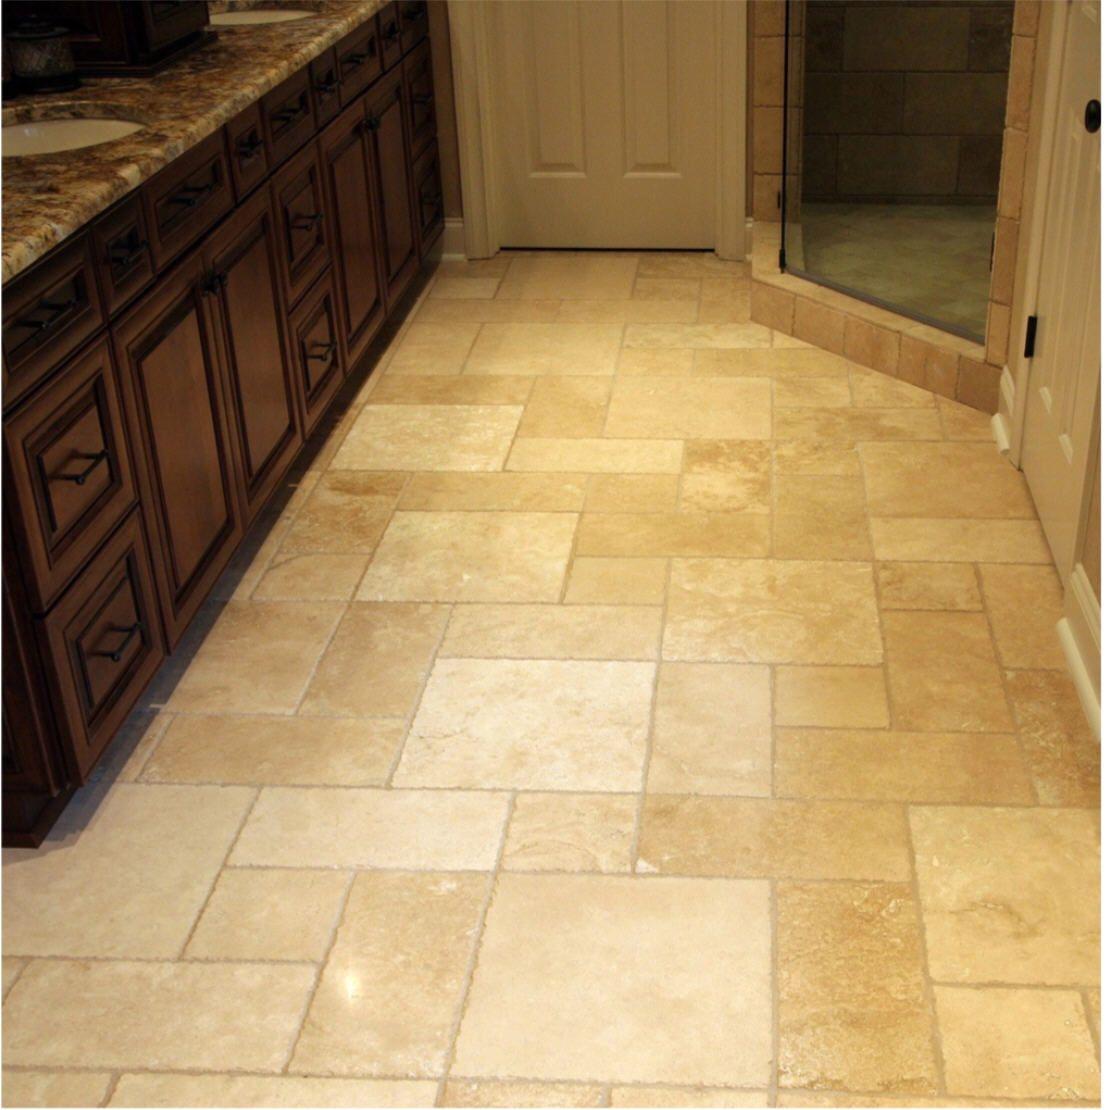 Travertine Tile Floor Pattern Called Hopscotch Bathroom Tile